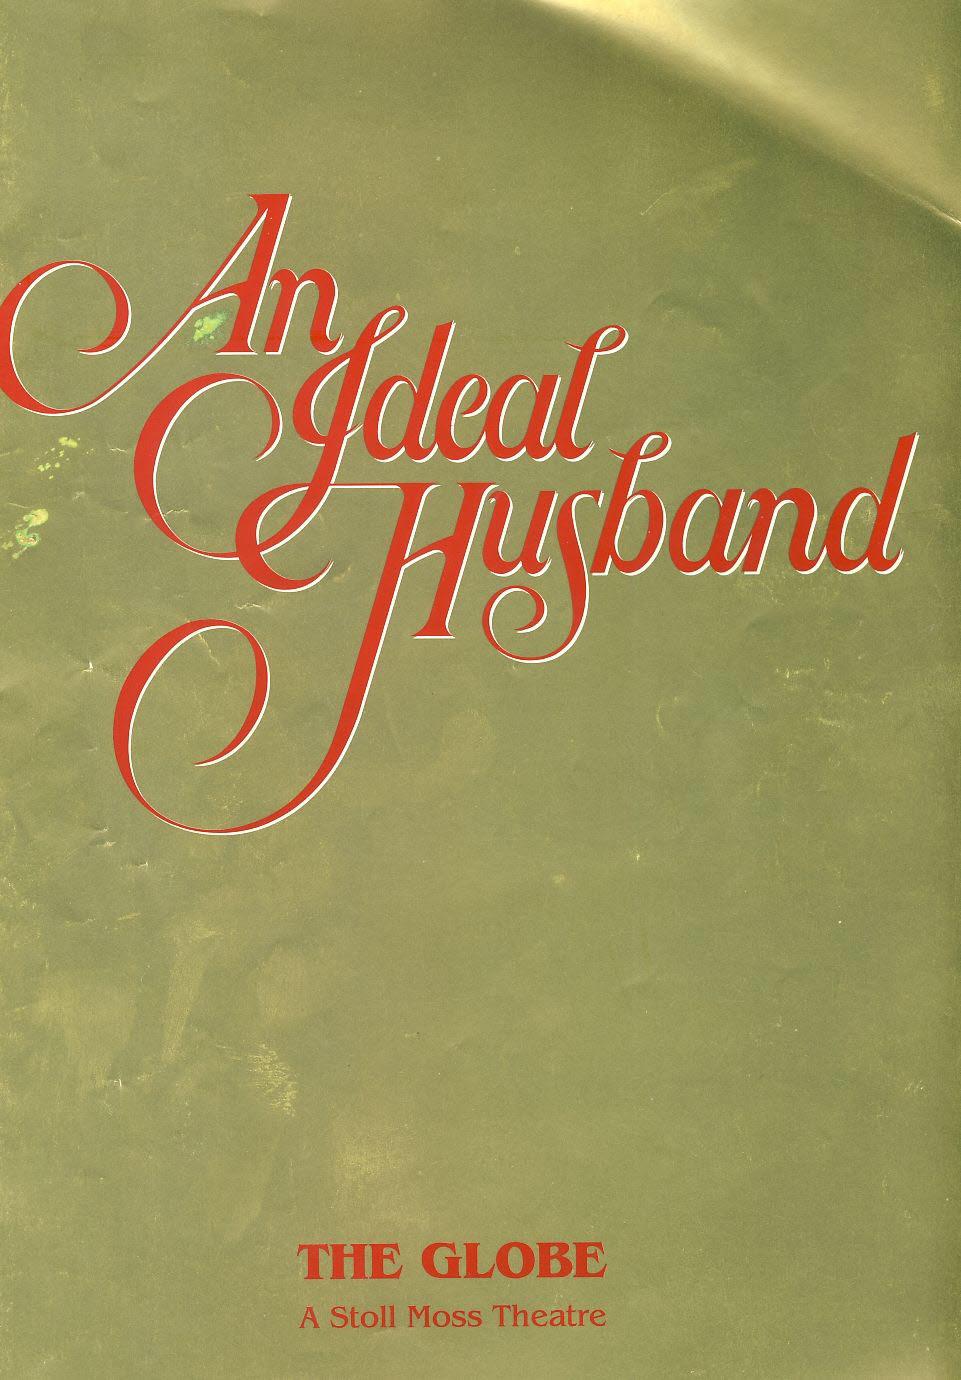 Oscar Wilde's An Ideal Husband 1992 The Globe Theatre Programme ANNA CARTERET